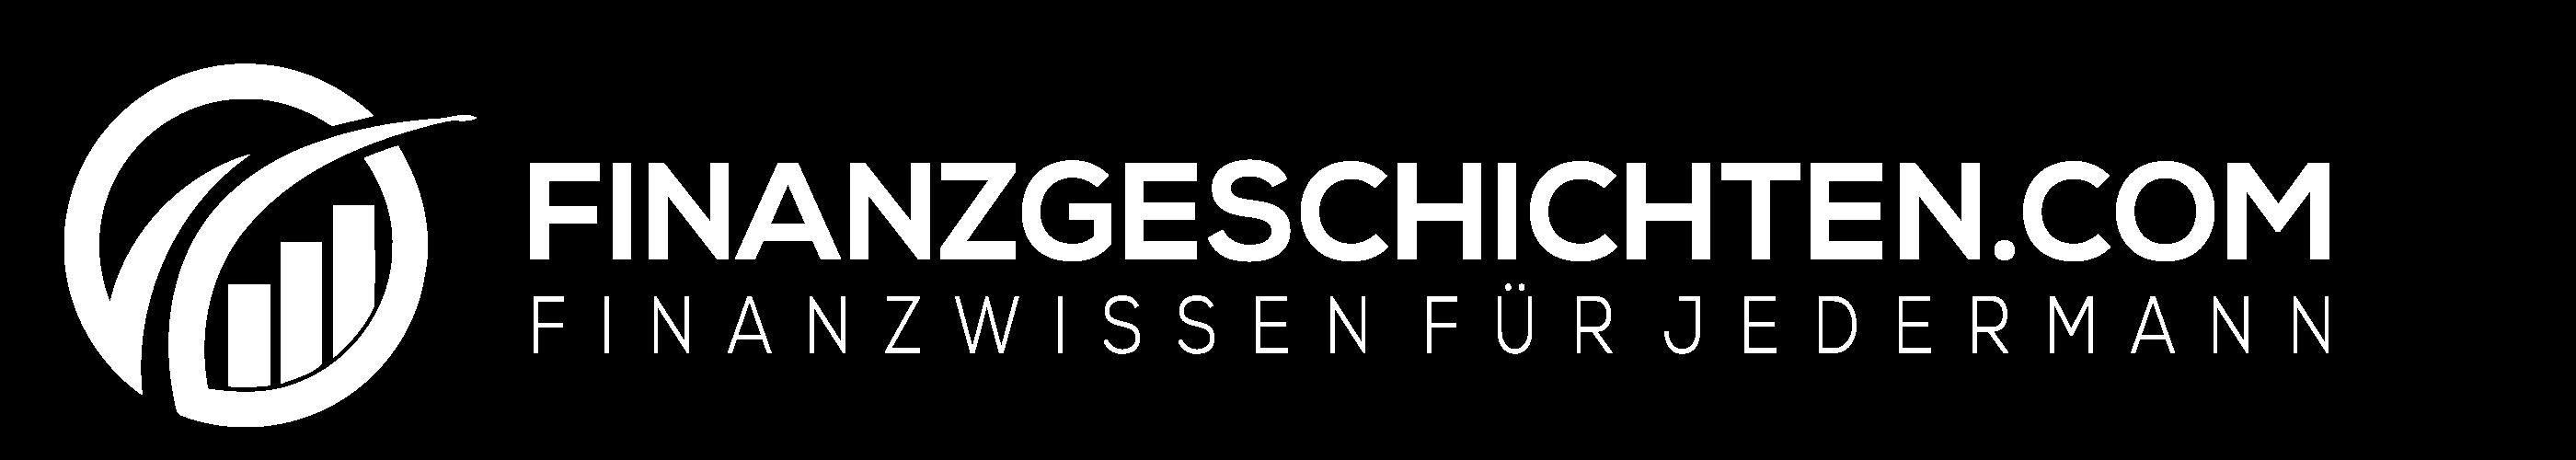 Finanzgeschichten.com